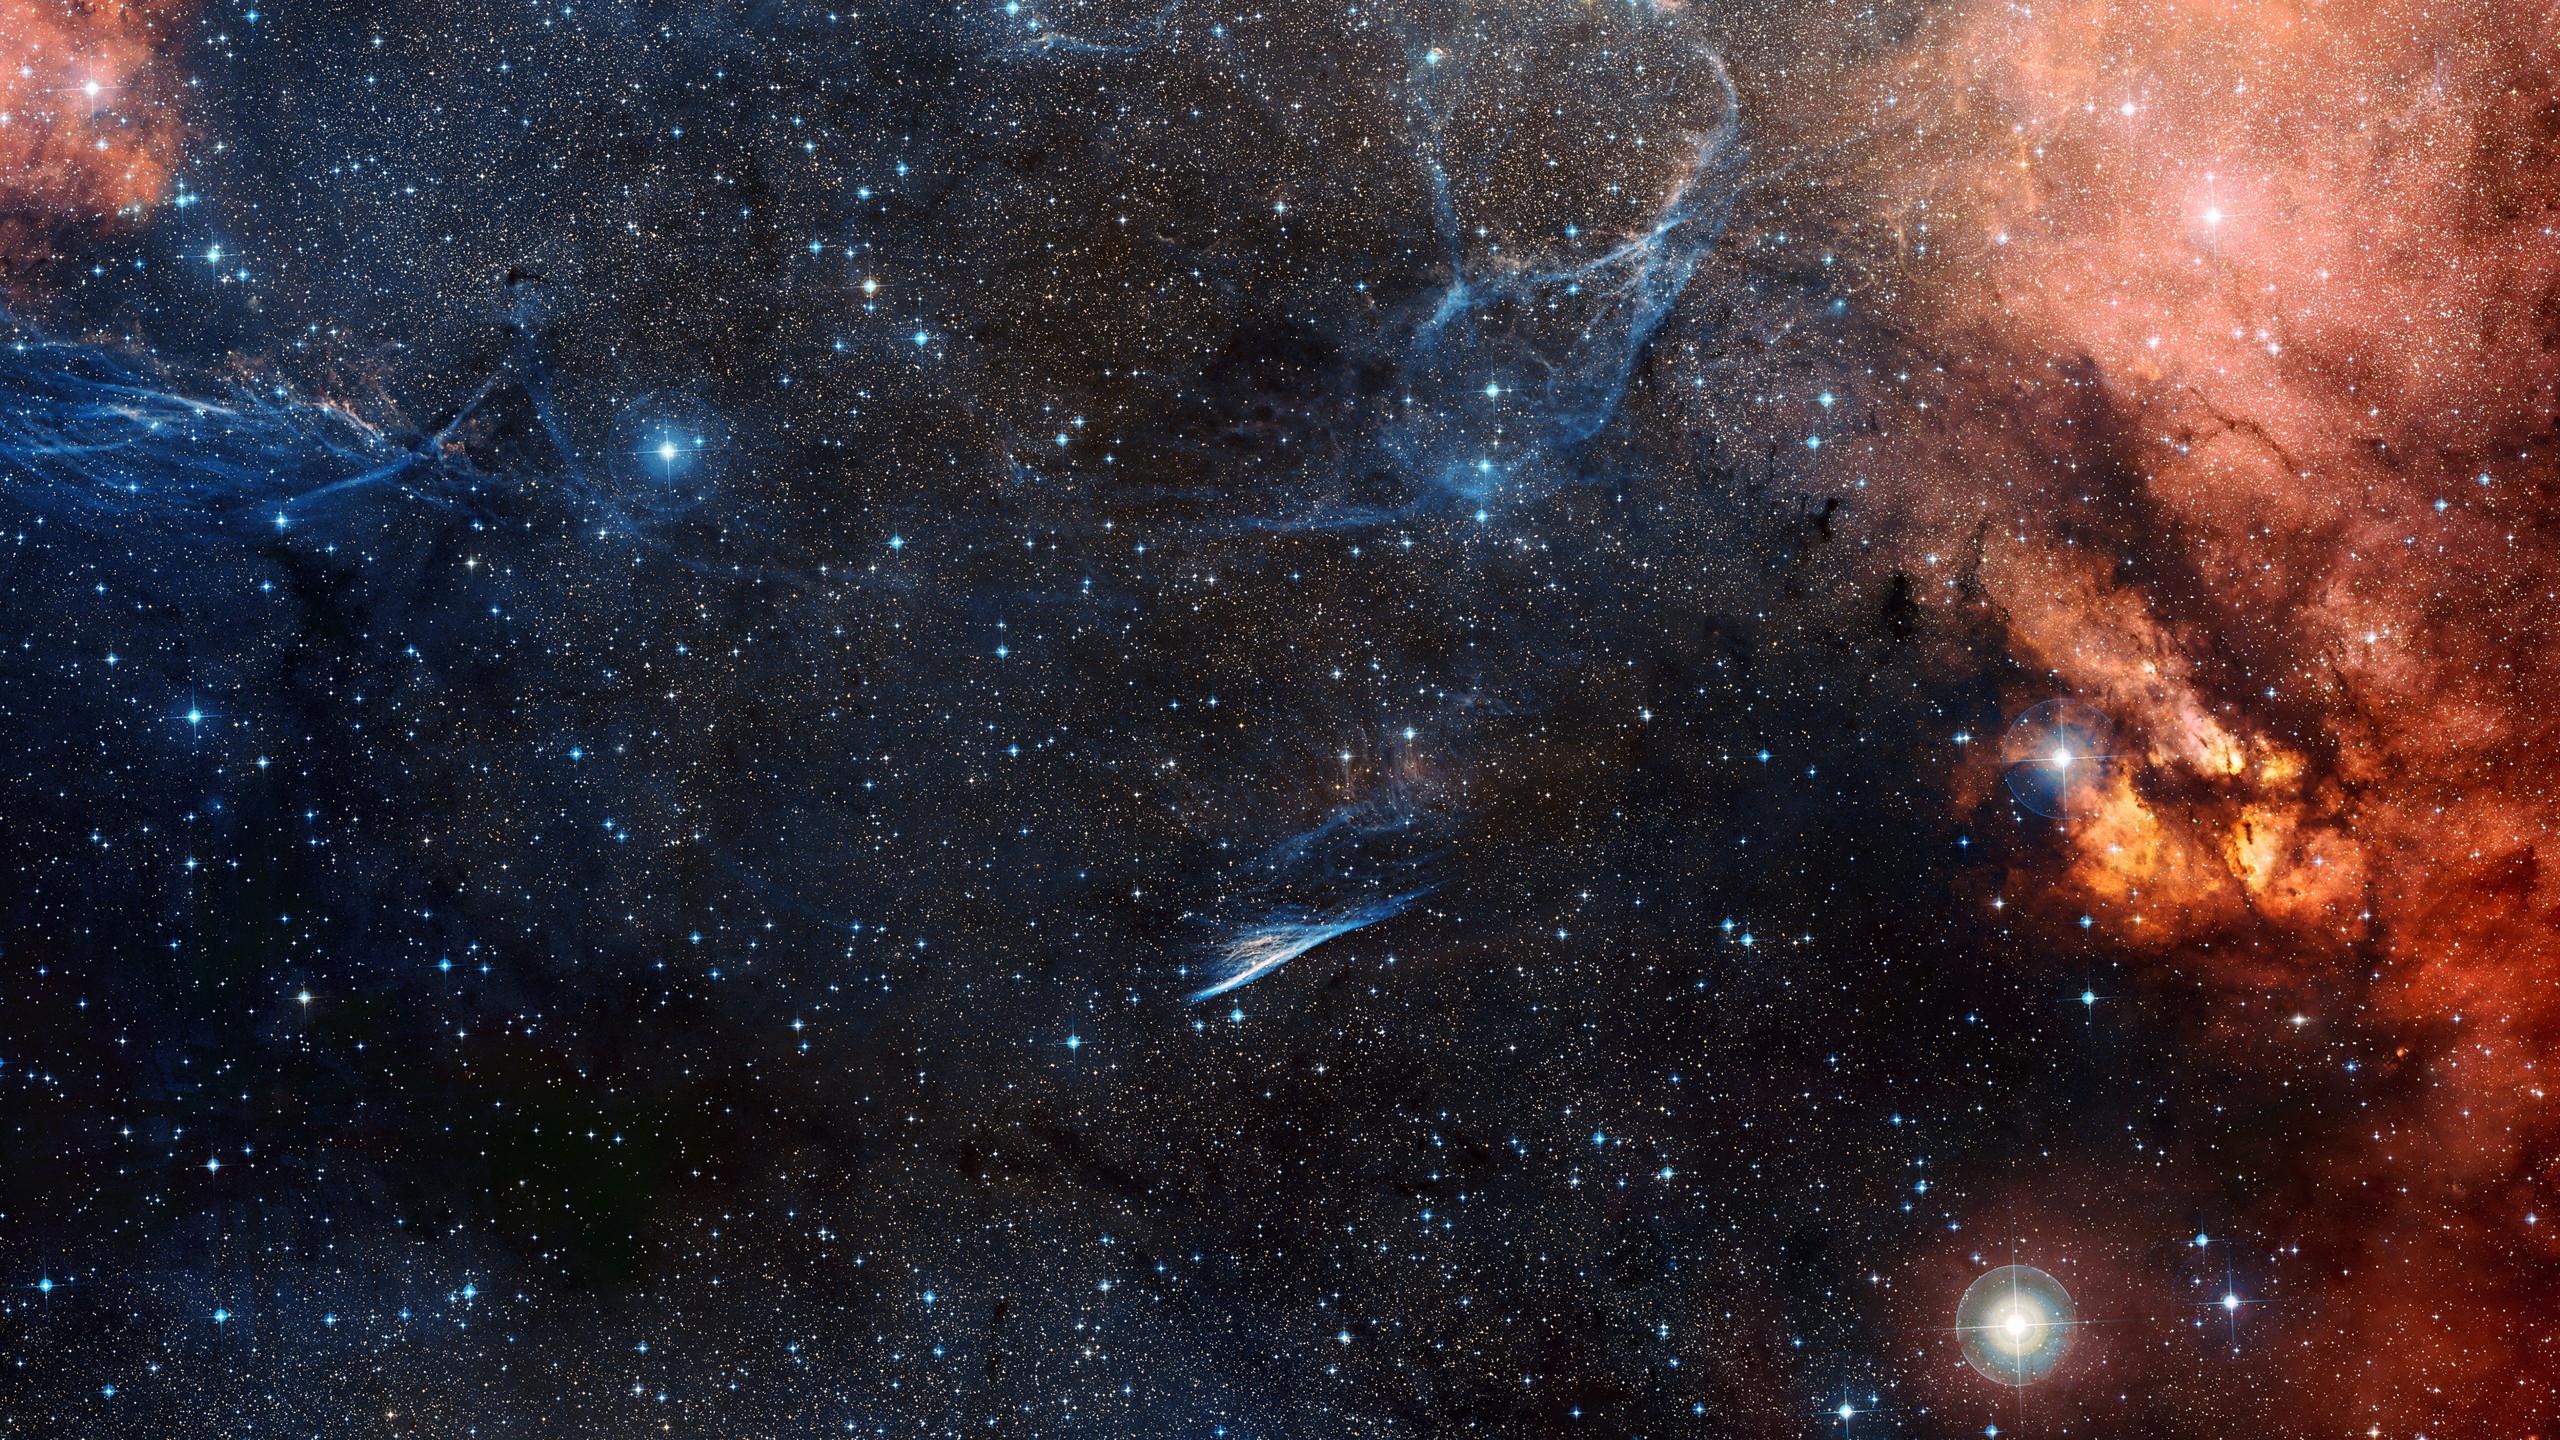 Hình galaxy đẹp nhất khiến bất cứ ai cũng phải mê mẩn